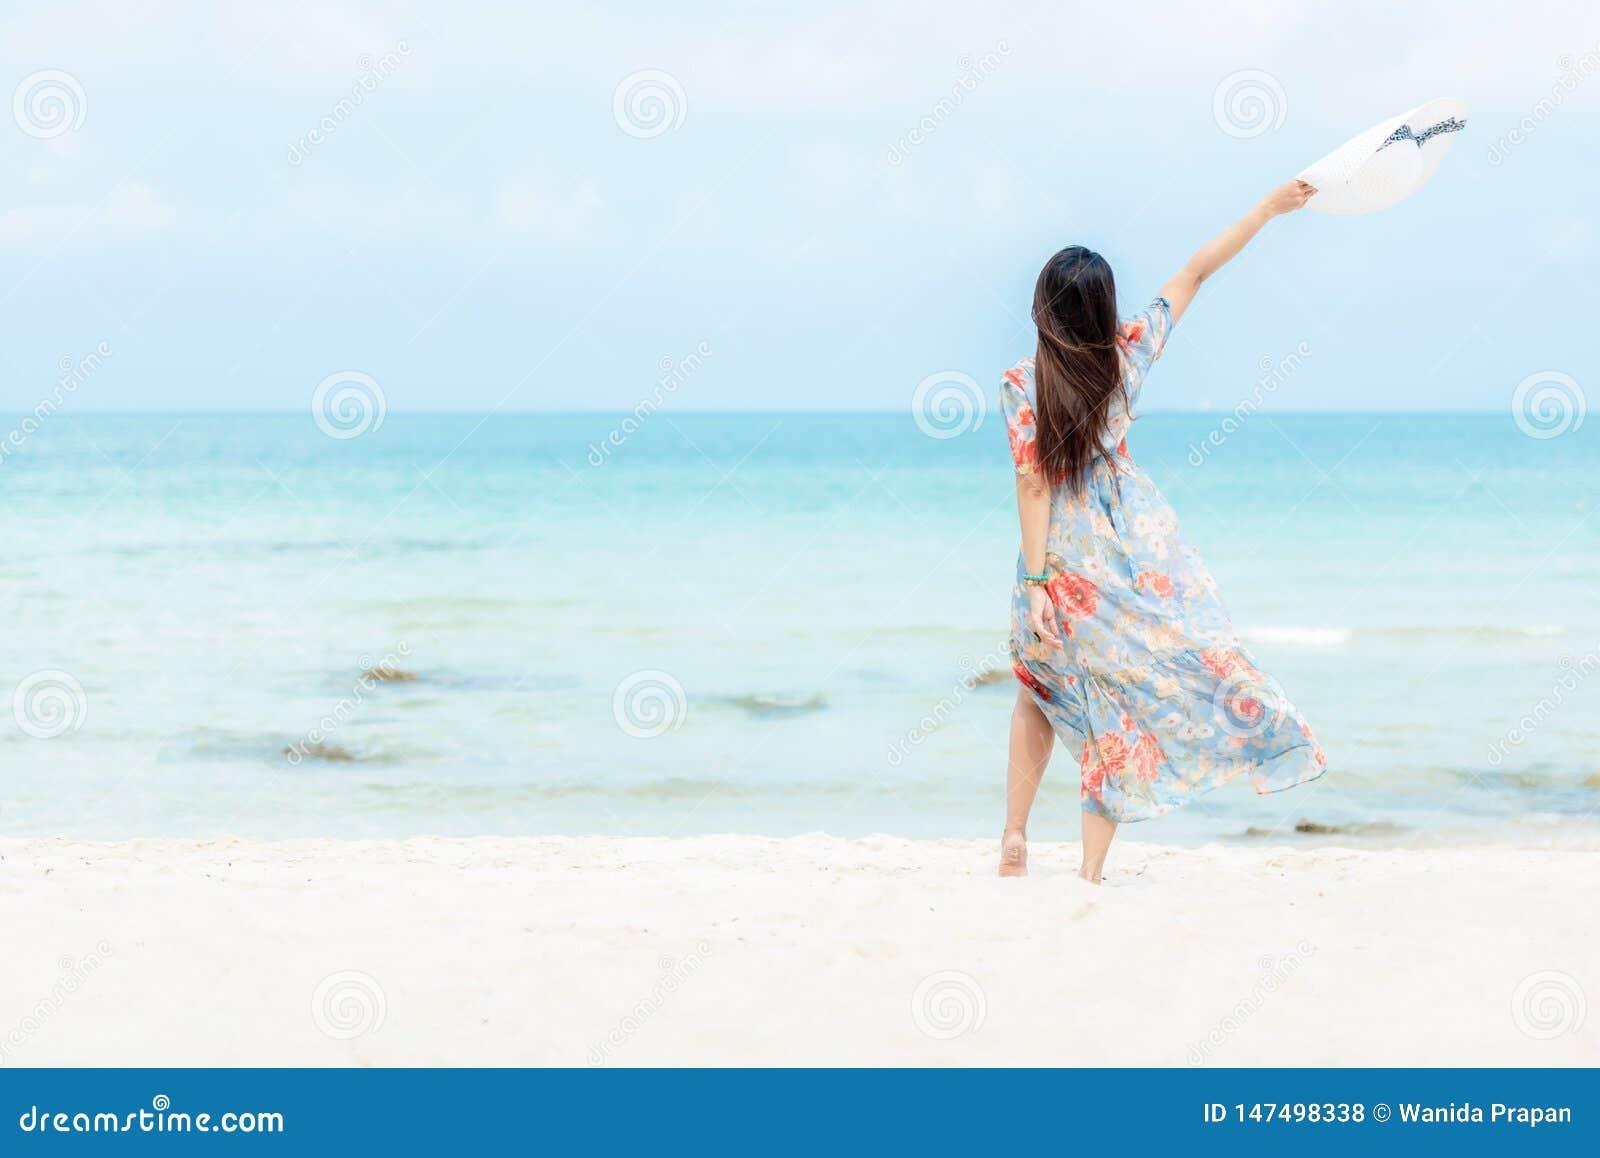 F?r england f?r d?ck f?r dag f?r strandbrighton stol bl?sig sun f?r sommar f?r sj?sida f?r lounger ferie Turer f?r sommar f?r mod